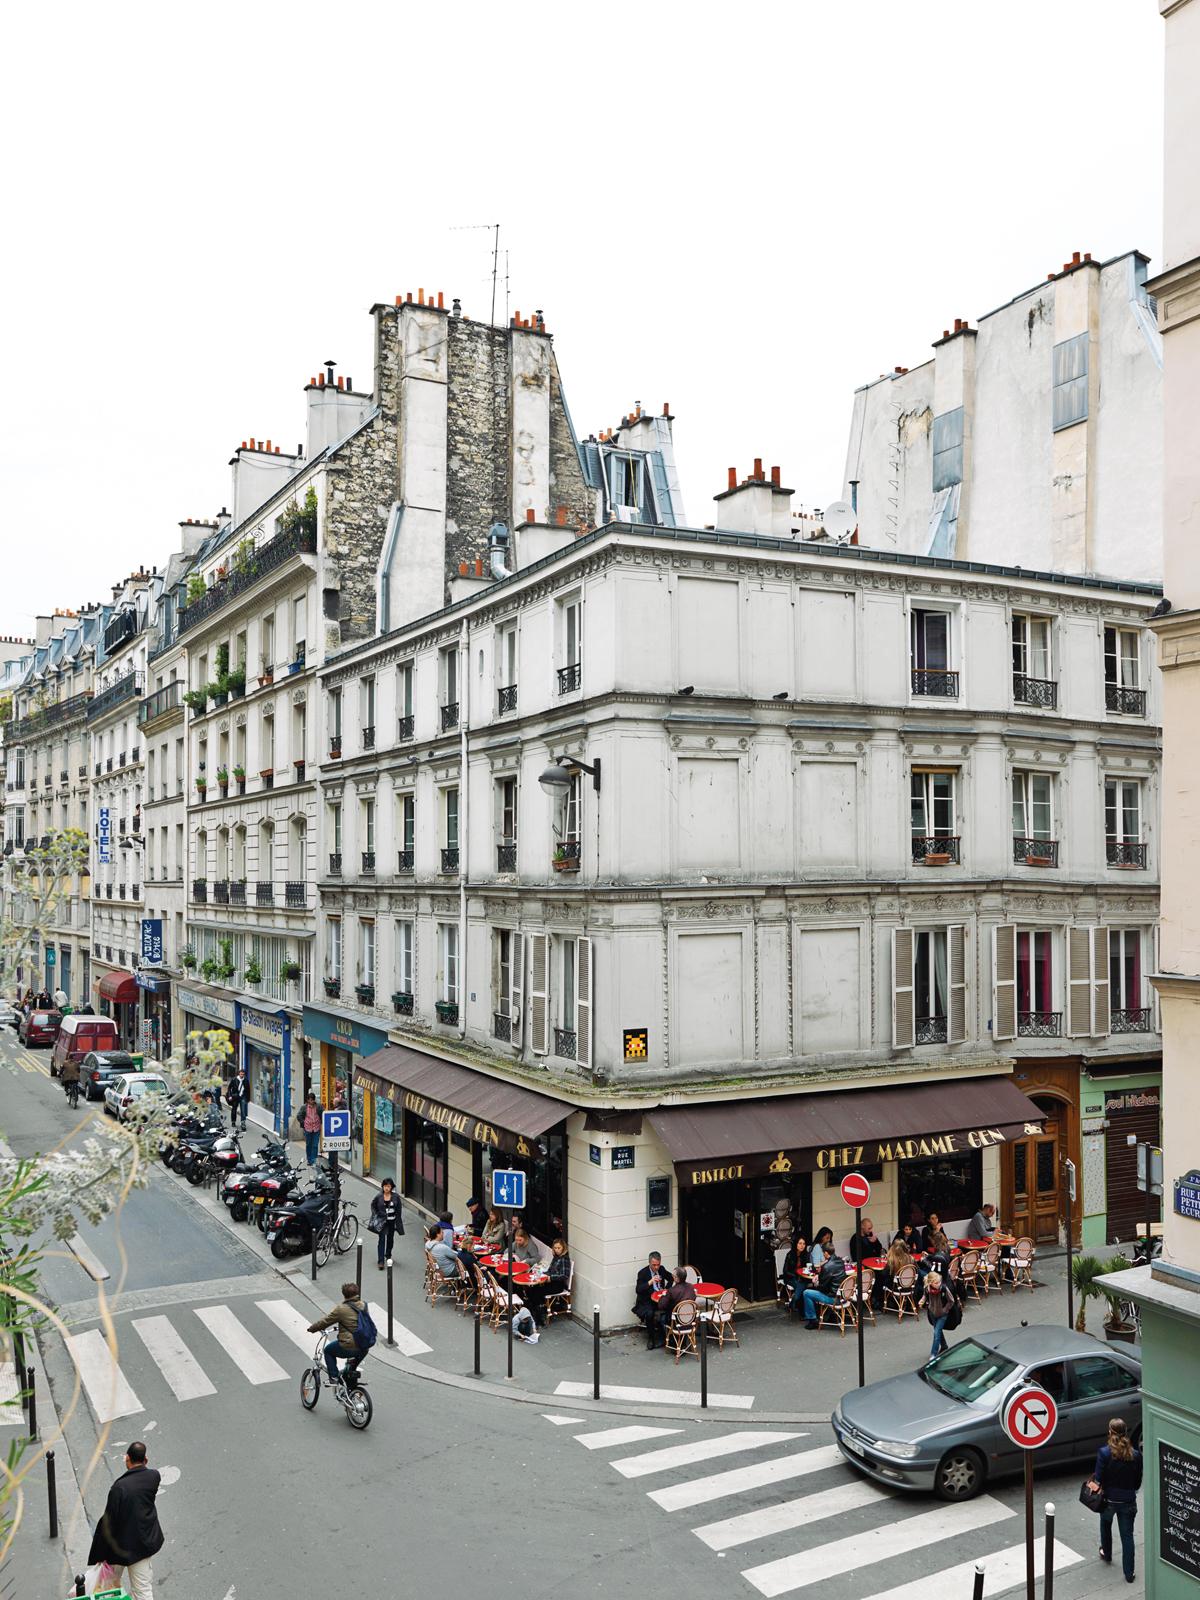 Parisian apartment vuilding facade.